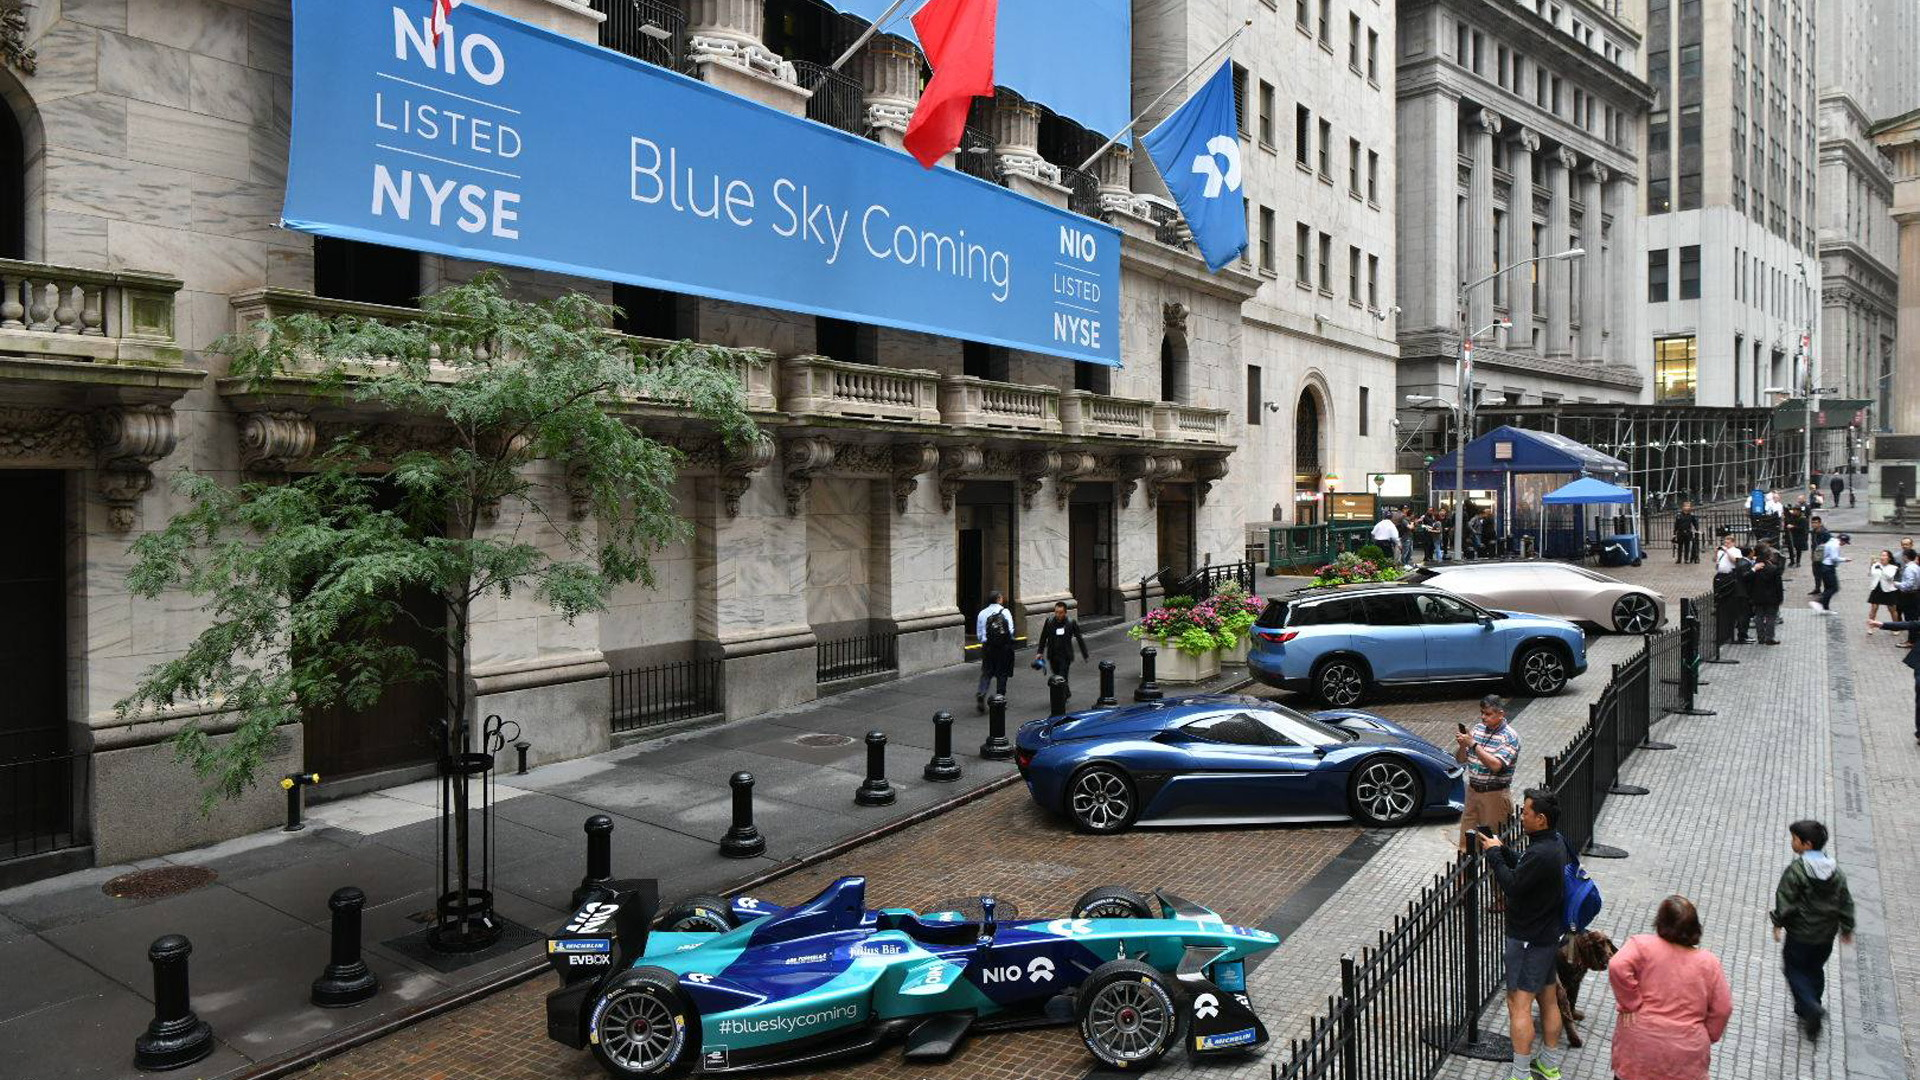 Nio shares start trading on New York Stock Exchange on September 12, 2018